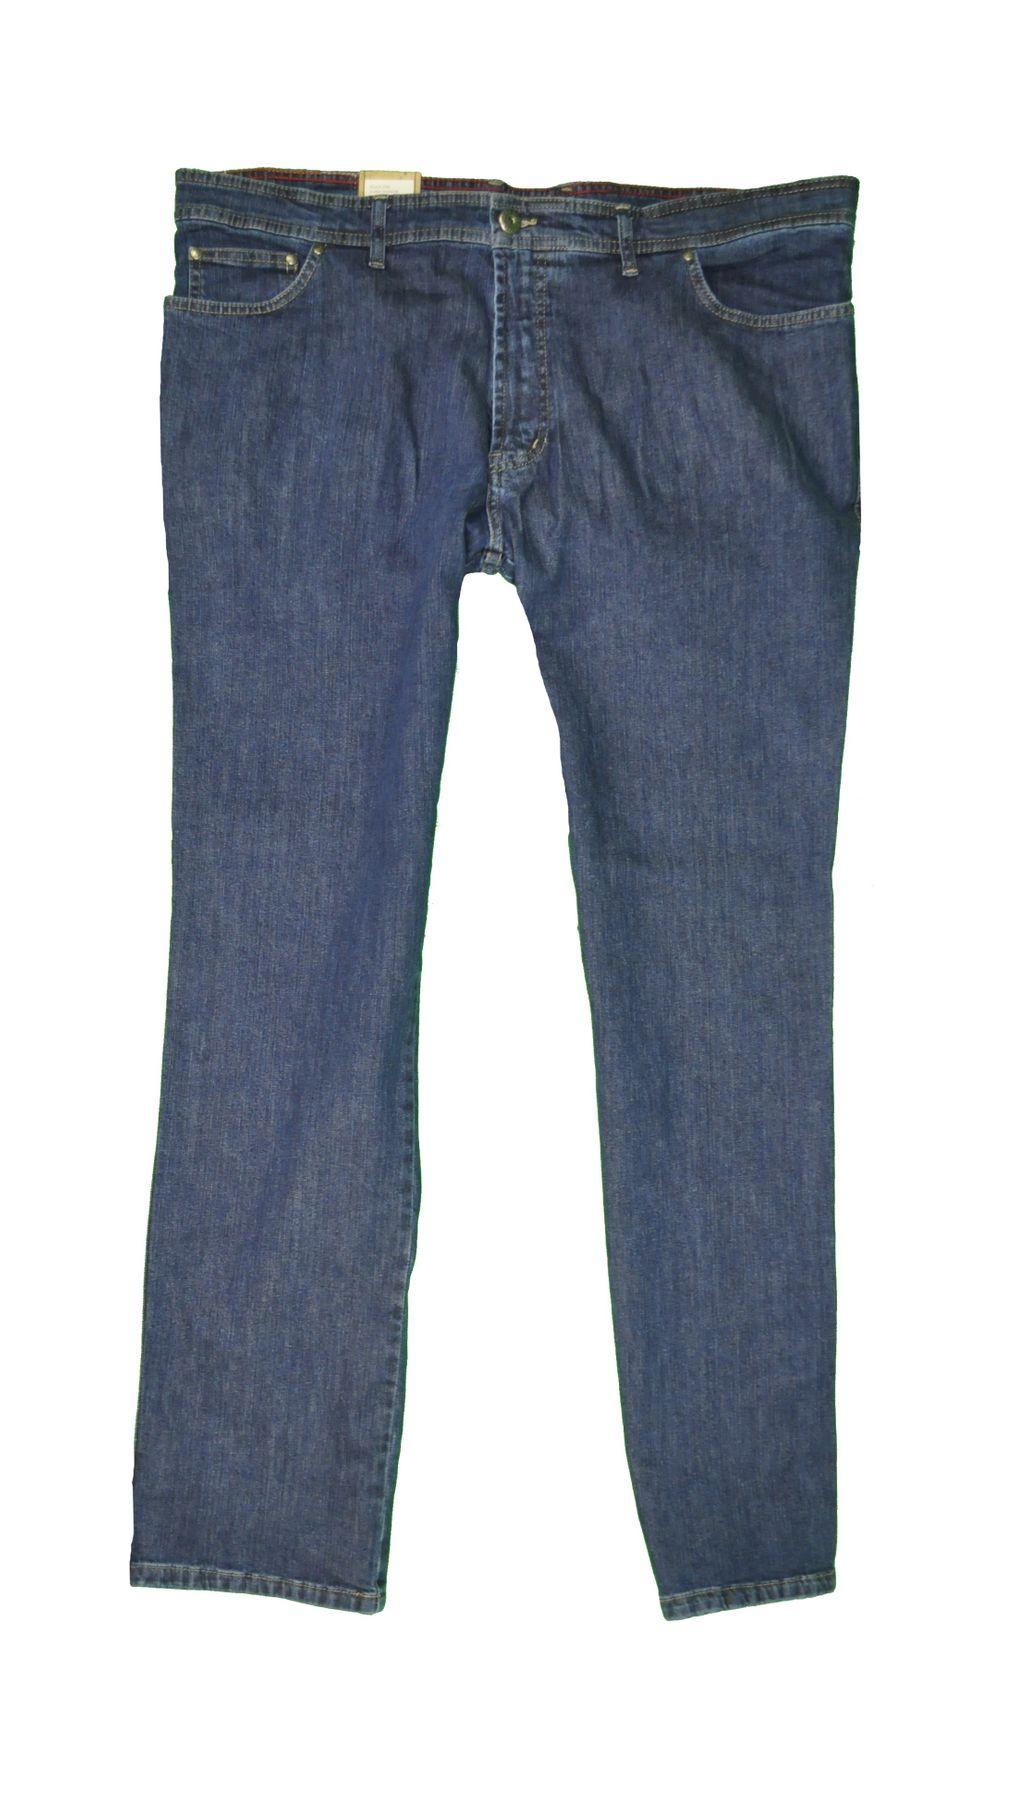 Herren 5 Pocket Jeans in Übergrößen mit Stretch Bund in Schwarz oder Blau (15204100) – Bild 5